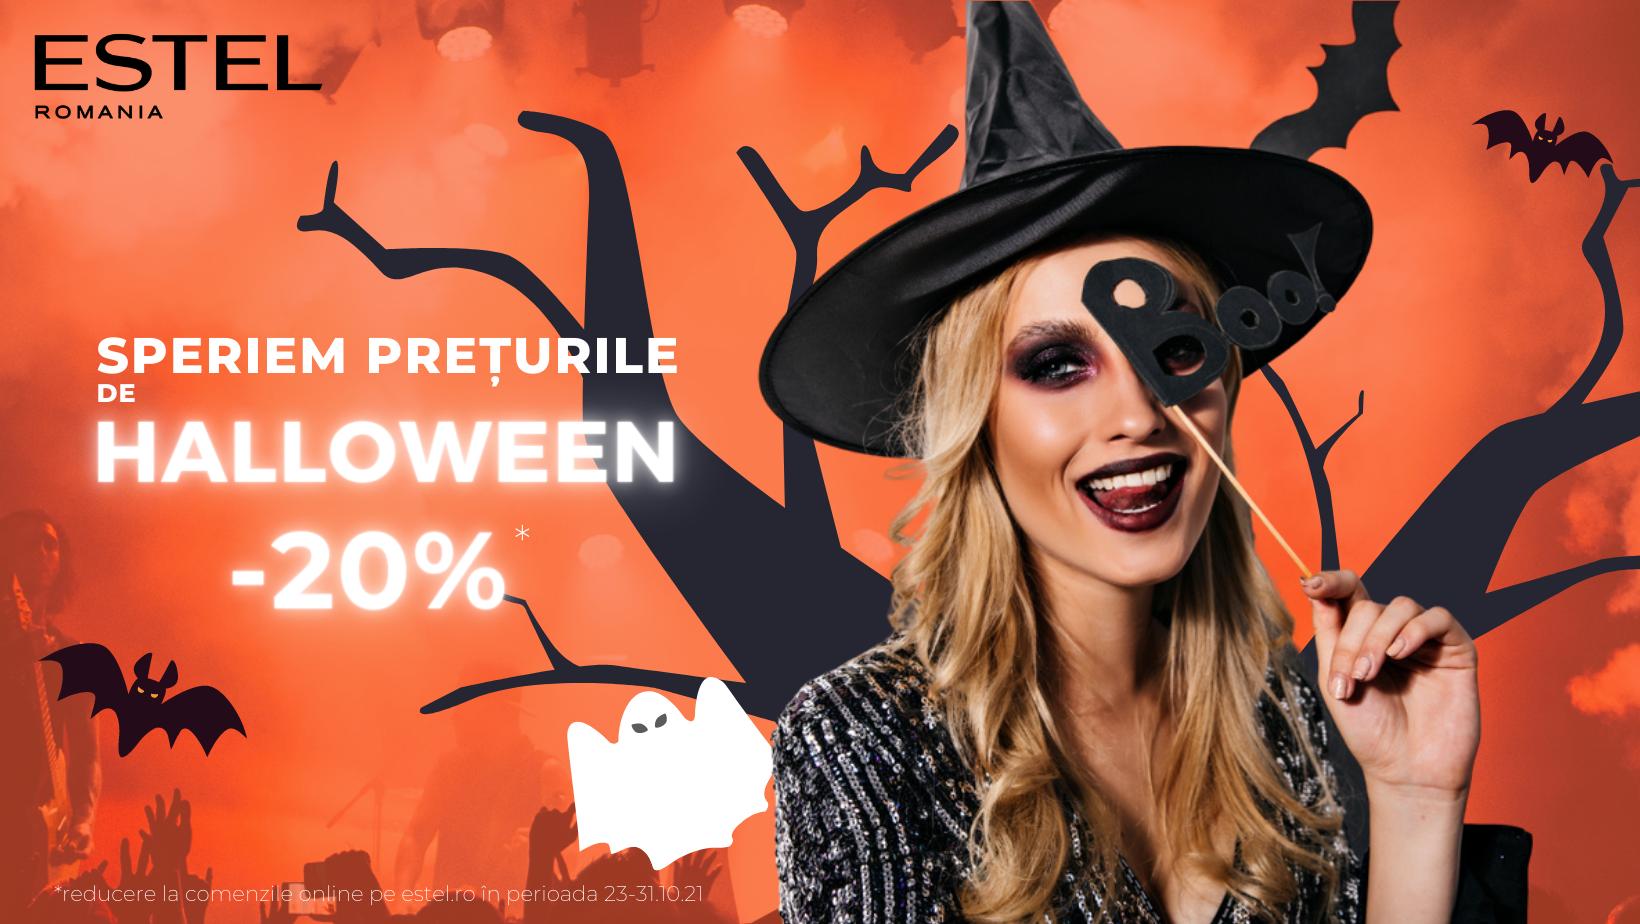 Boo! De Halloween speriem preturile la toate produsele!